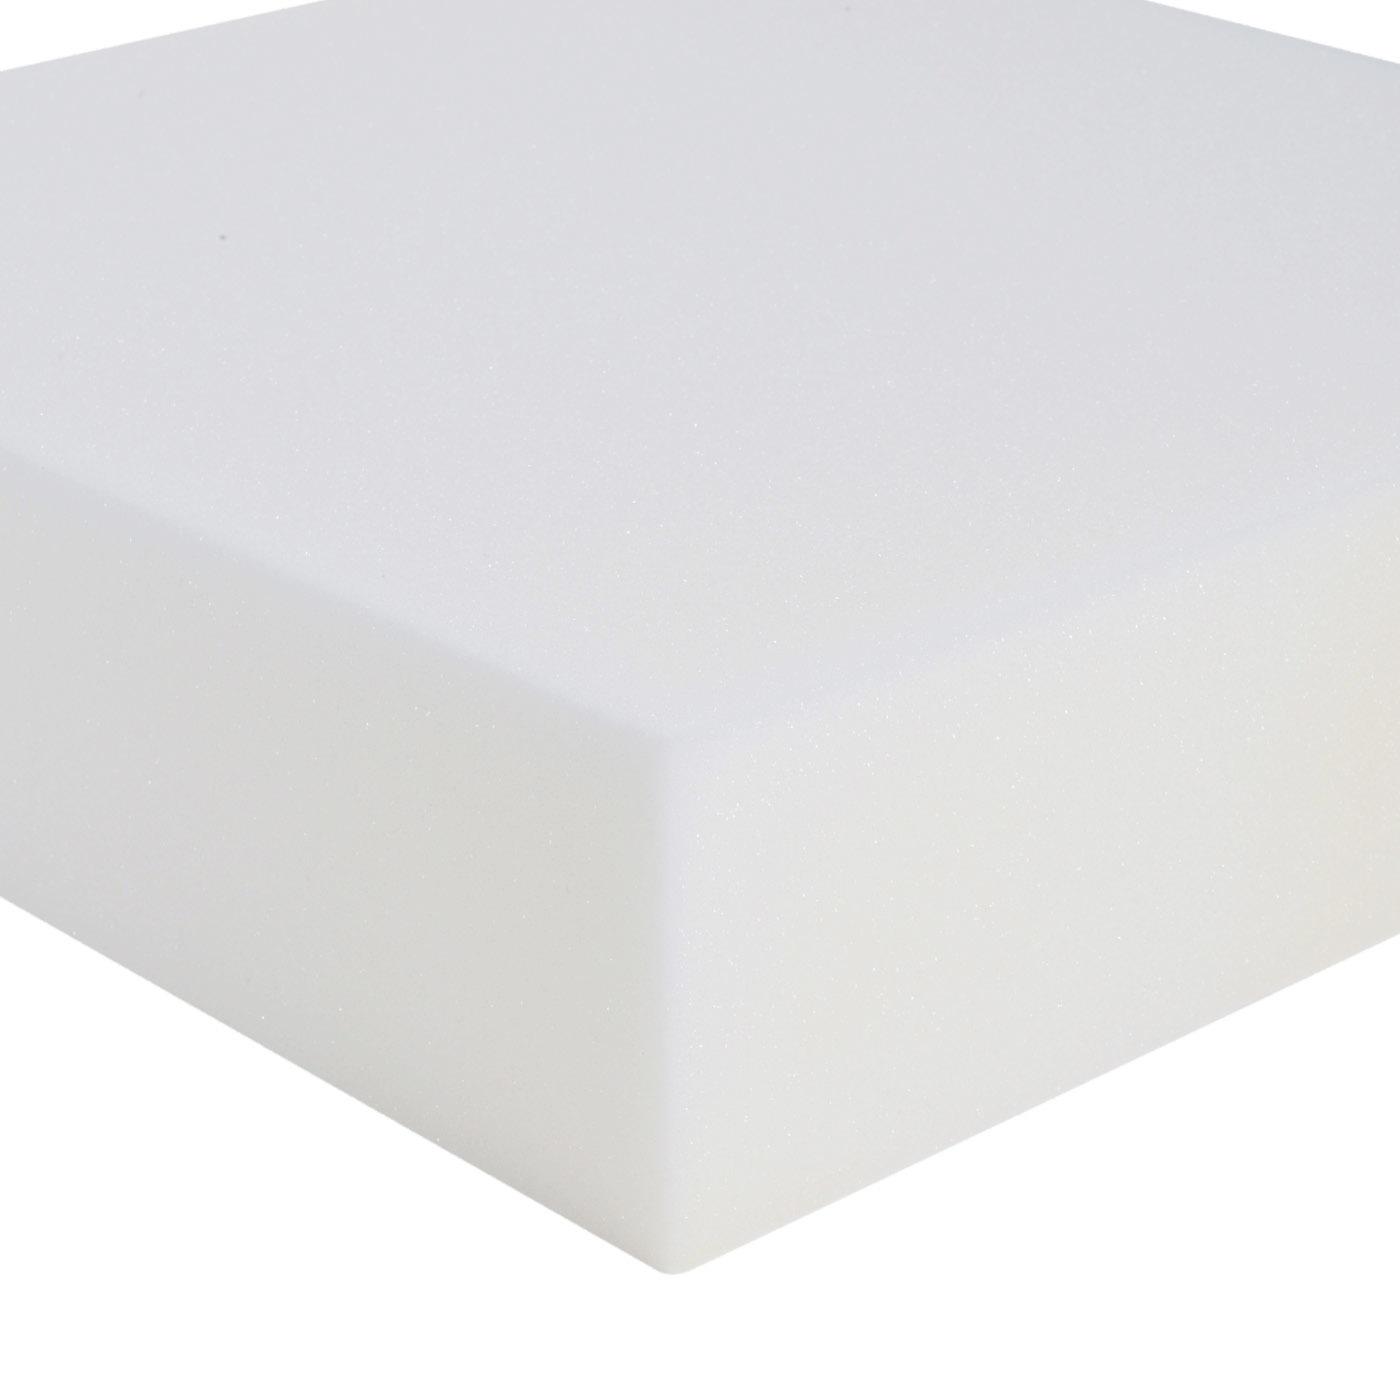 Afbeeldingsresultaat voor polyether foam